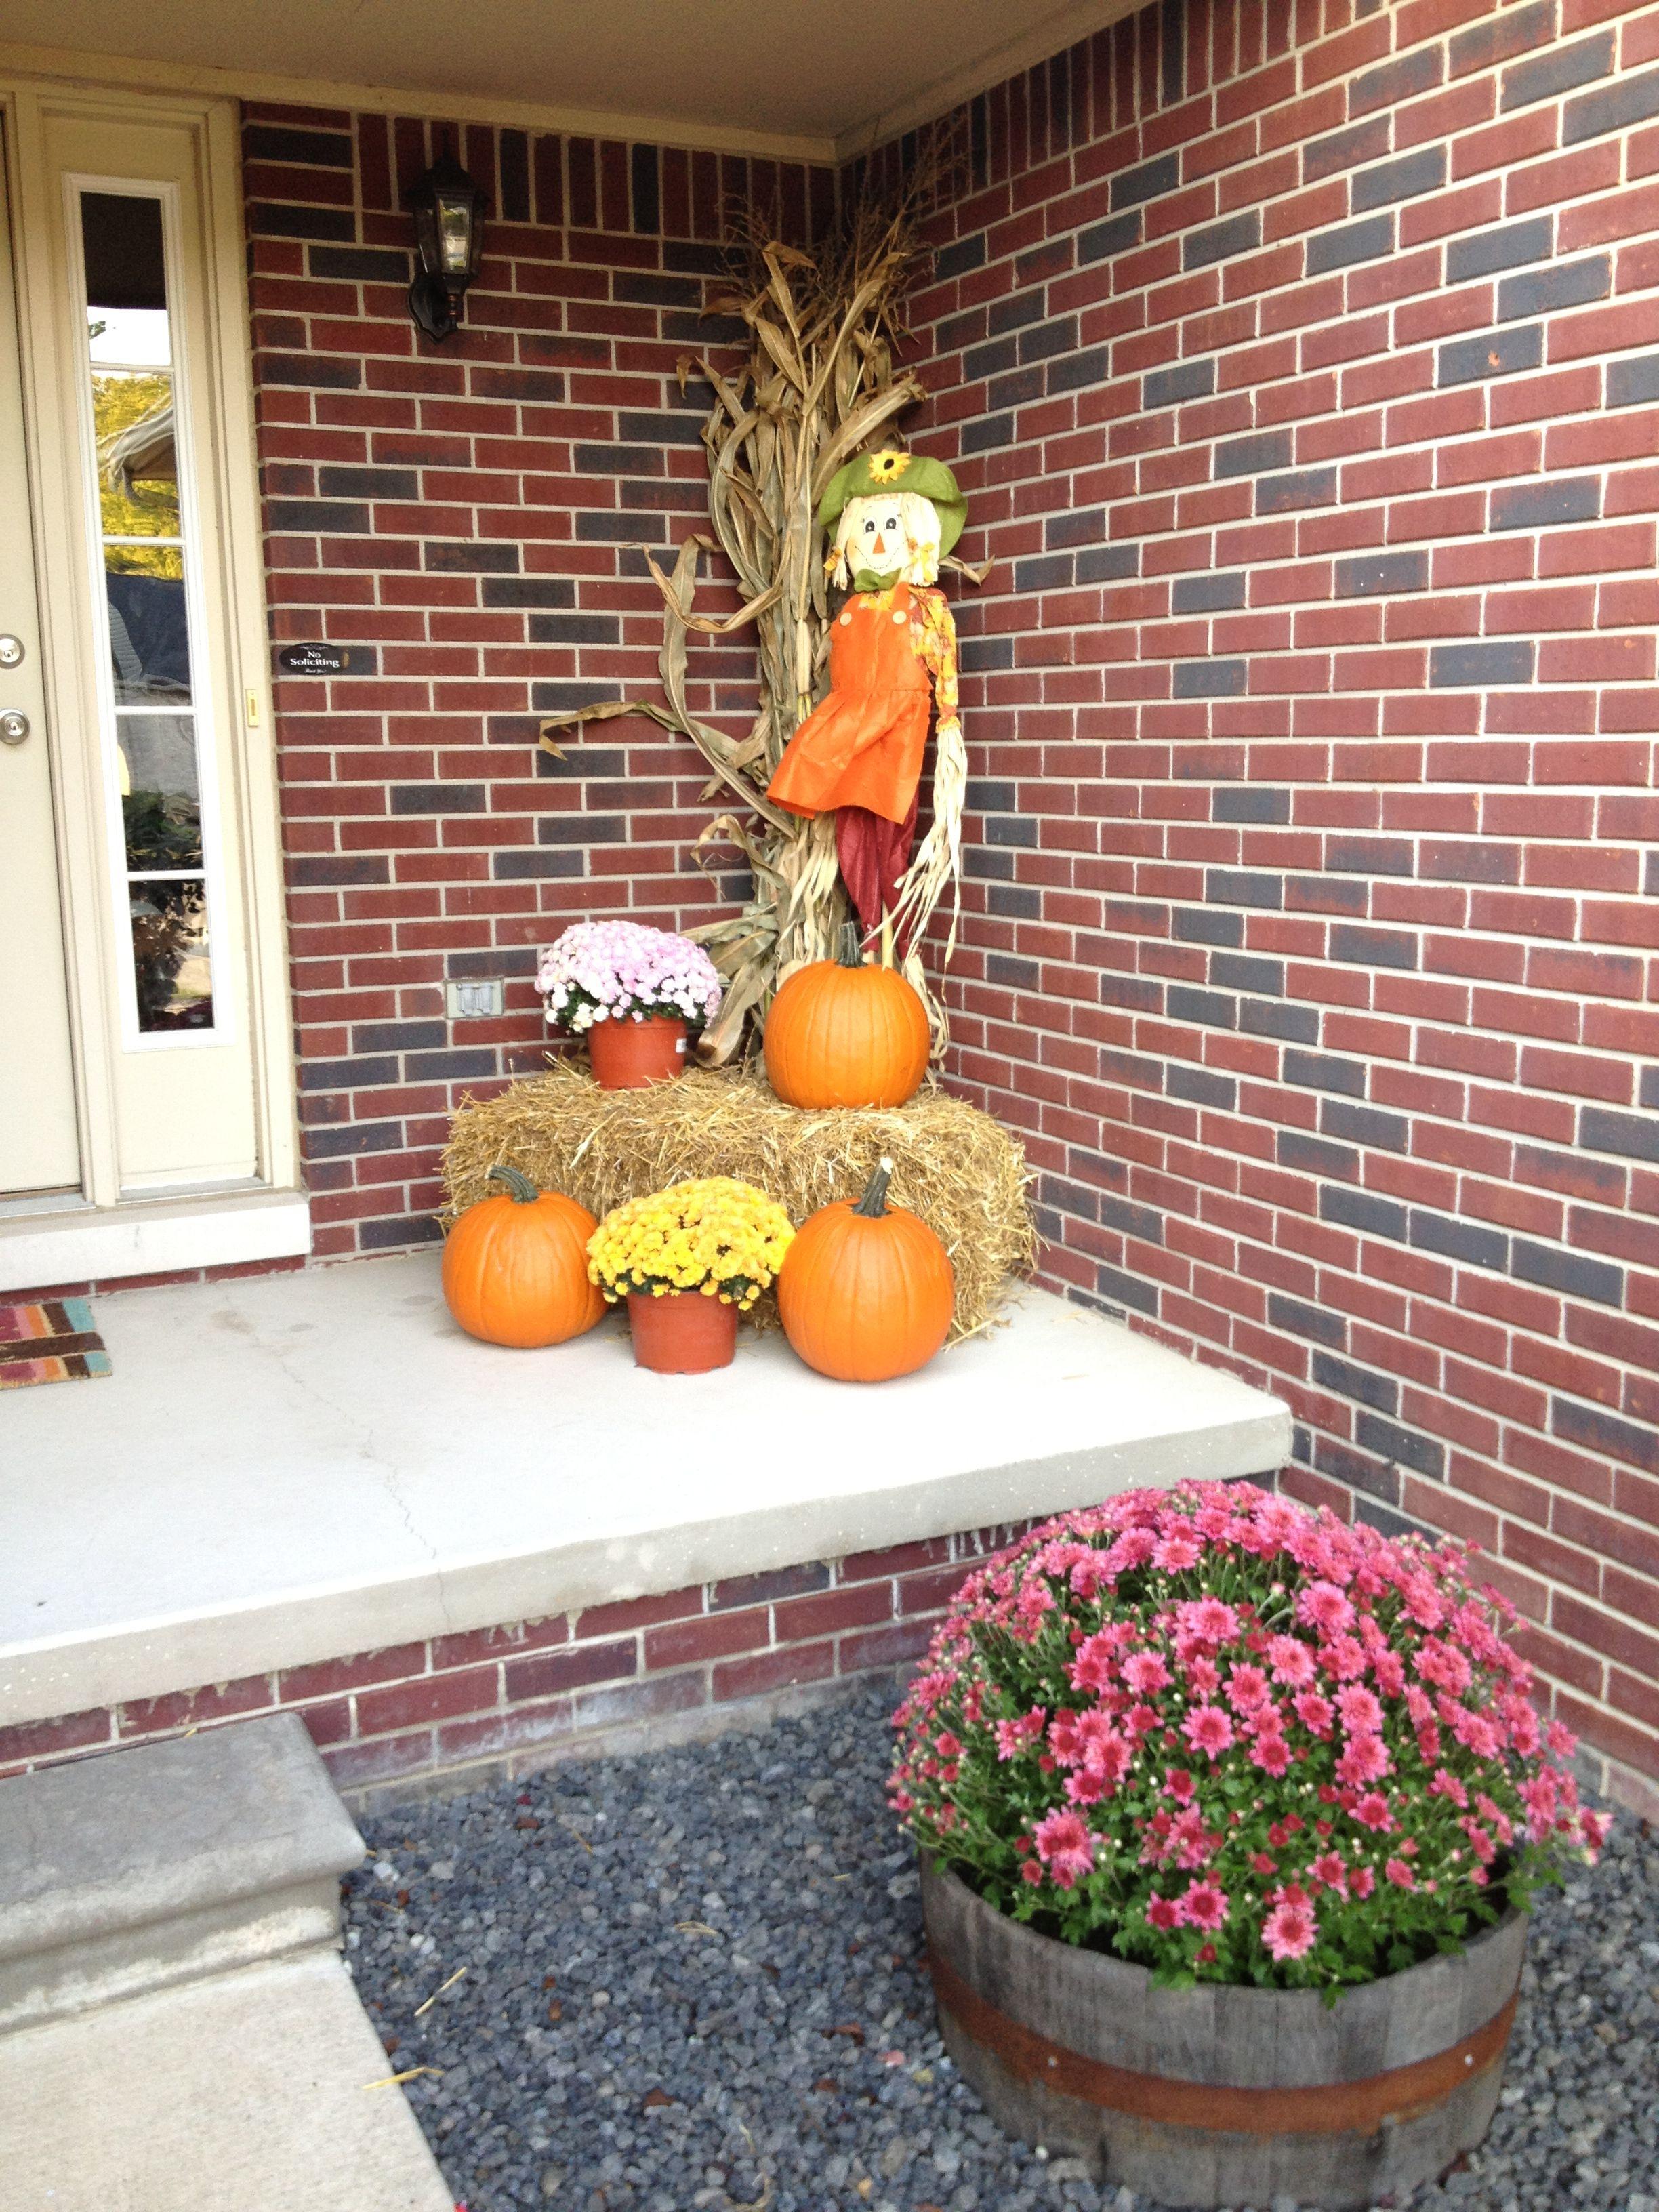 My Simple Fall Decorations Big Mums In Barrels Pumpkins